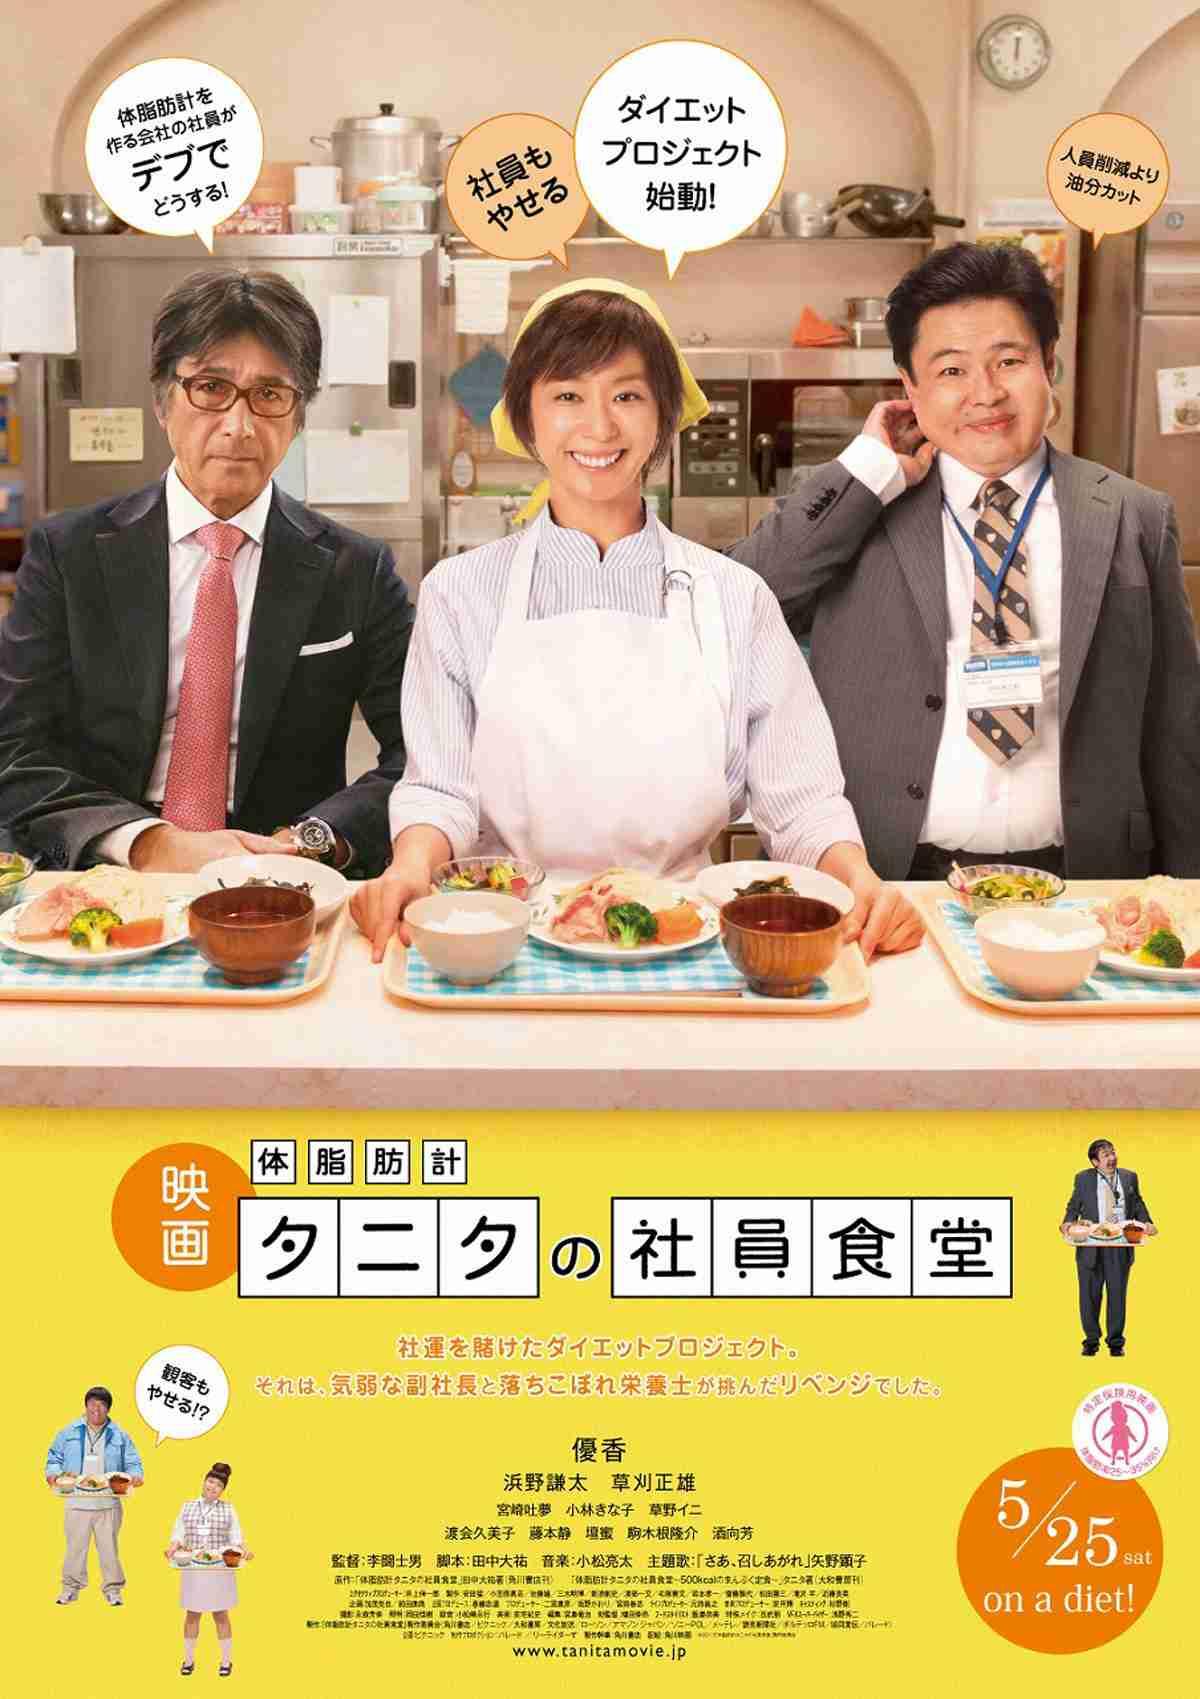 体脂肪計タニタの社員食堂 - 作品 - Yahoo!映画